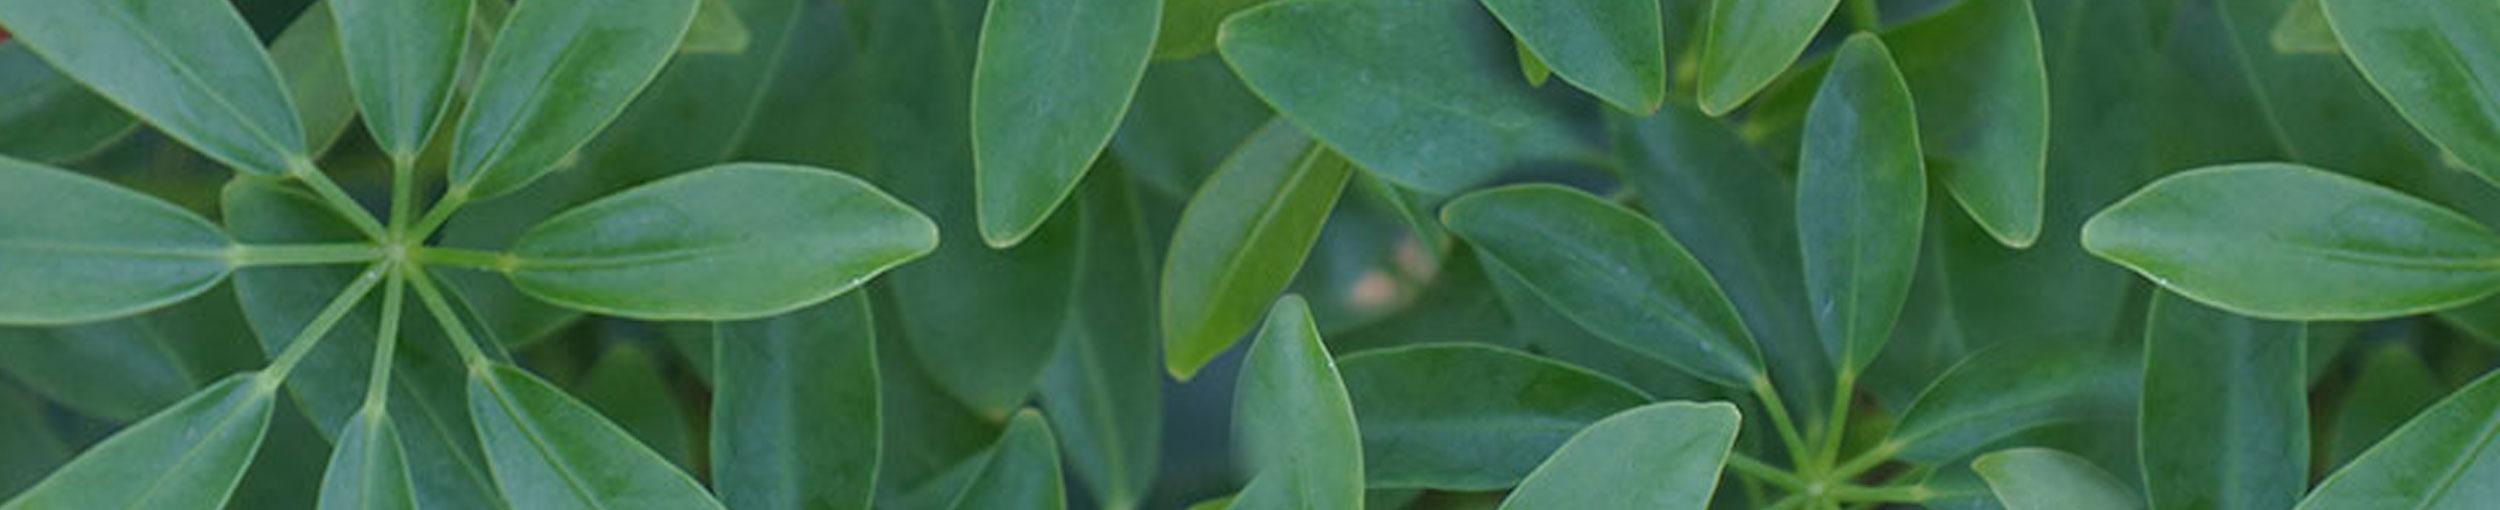 Matsuda's Banner Fiddle Leaf Fig